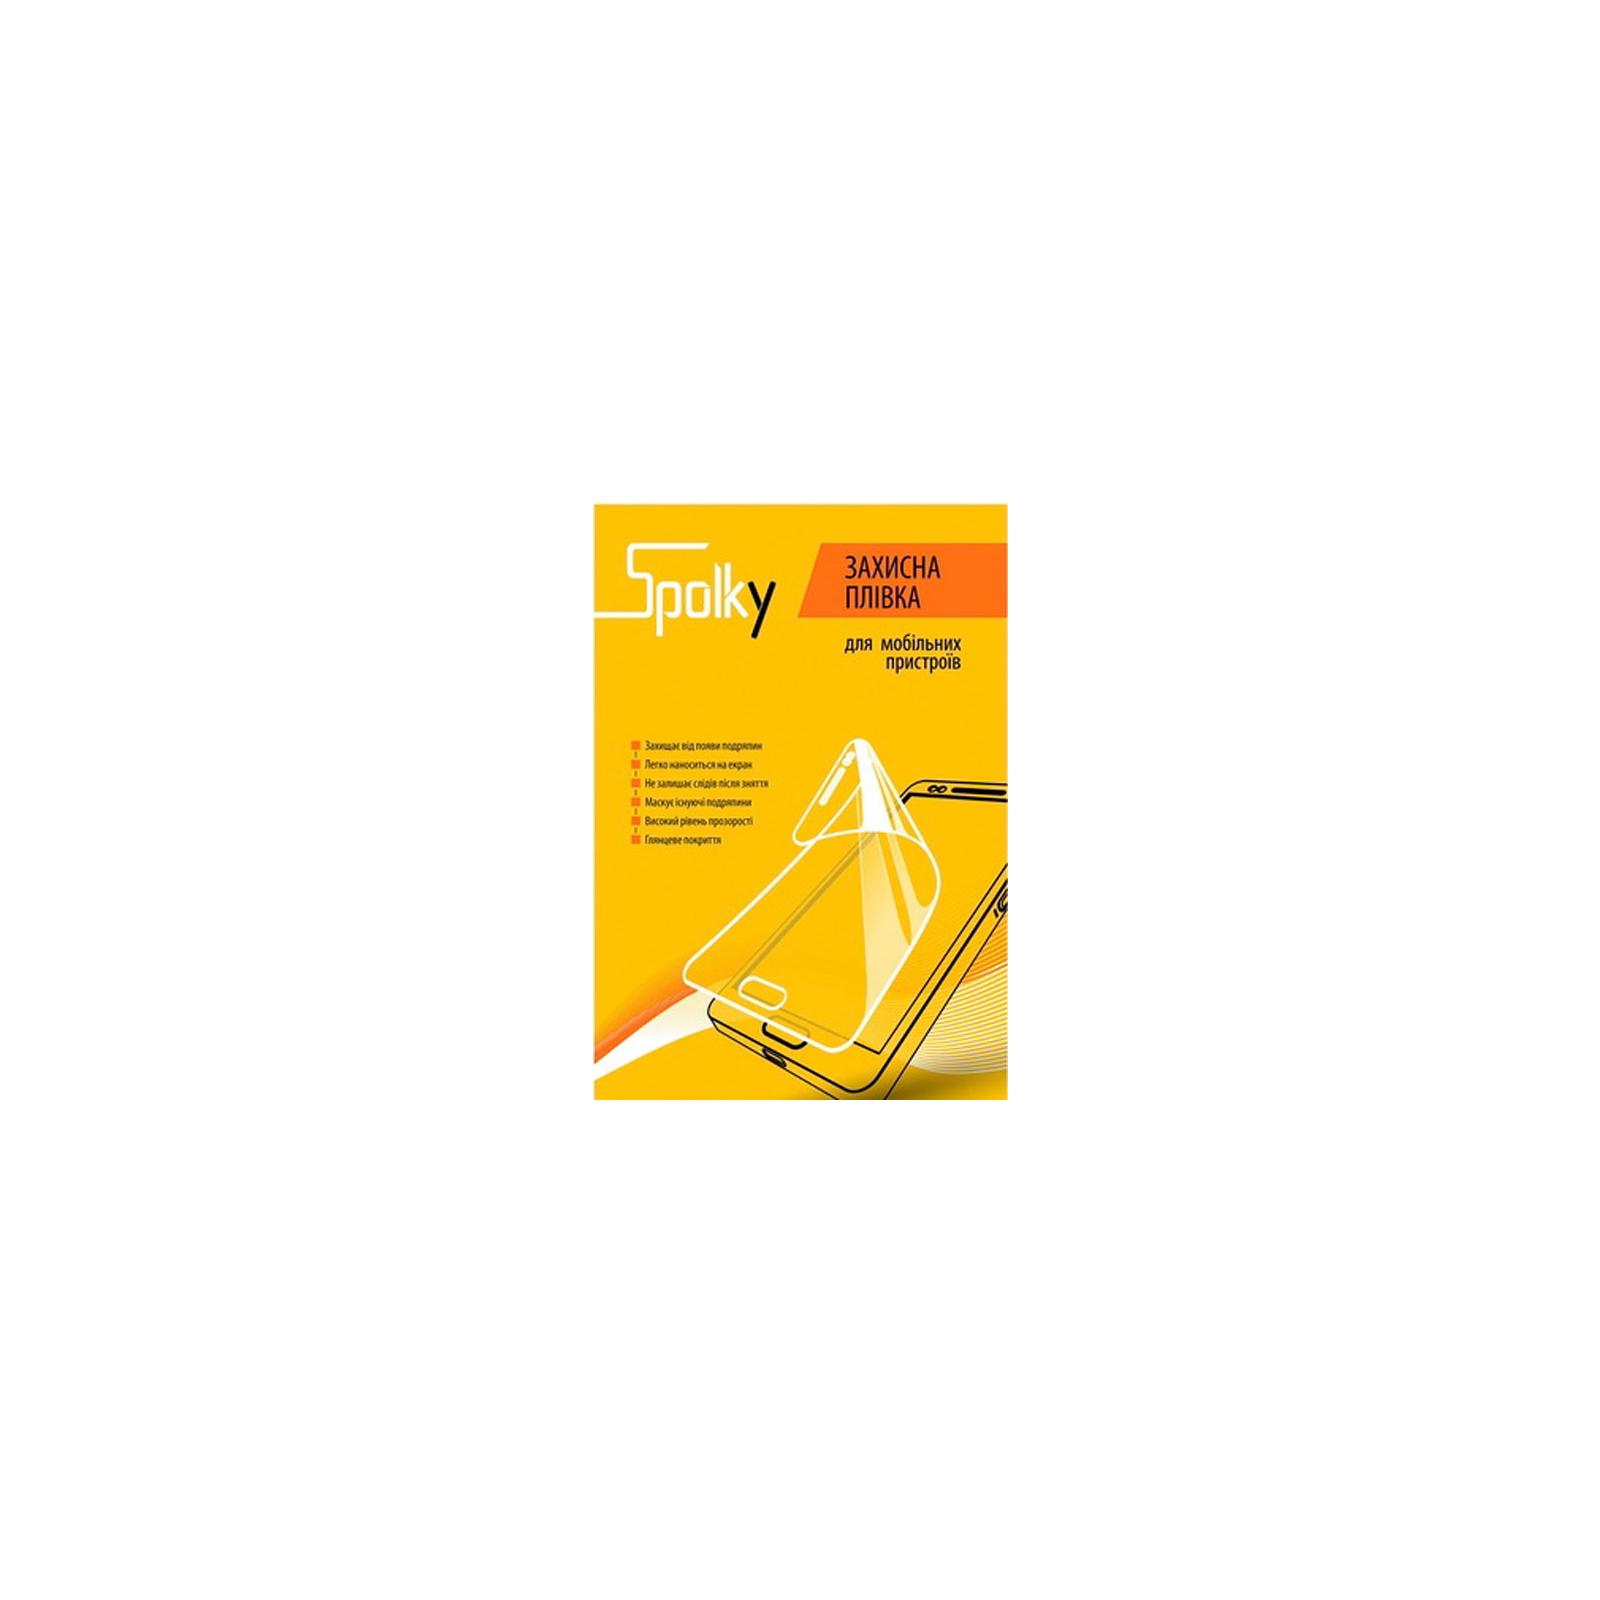 Пленка защитная Spolky для Samsung Galaxy A3 2016 Duos SM-A310 (332127)